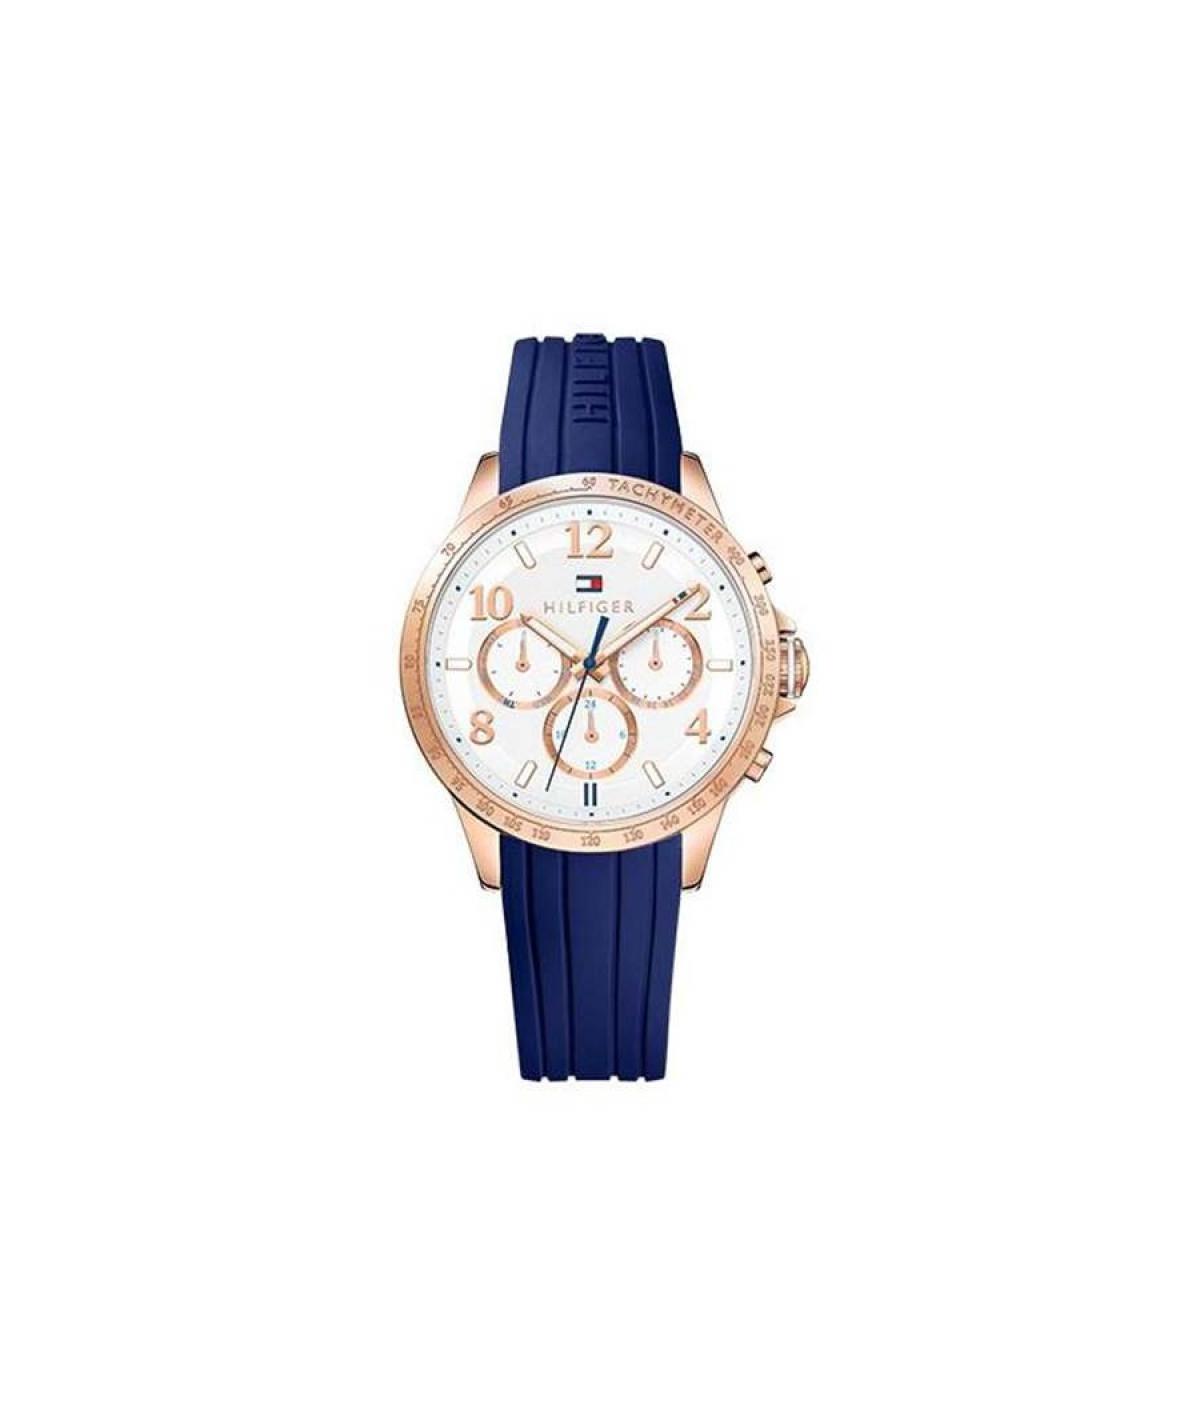 Reloj Calypso 5232-6 - 5232-6